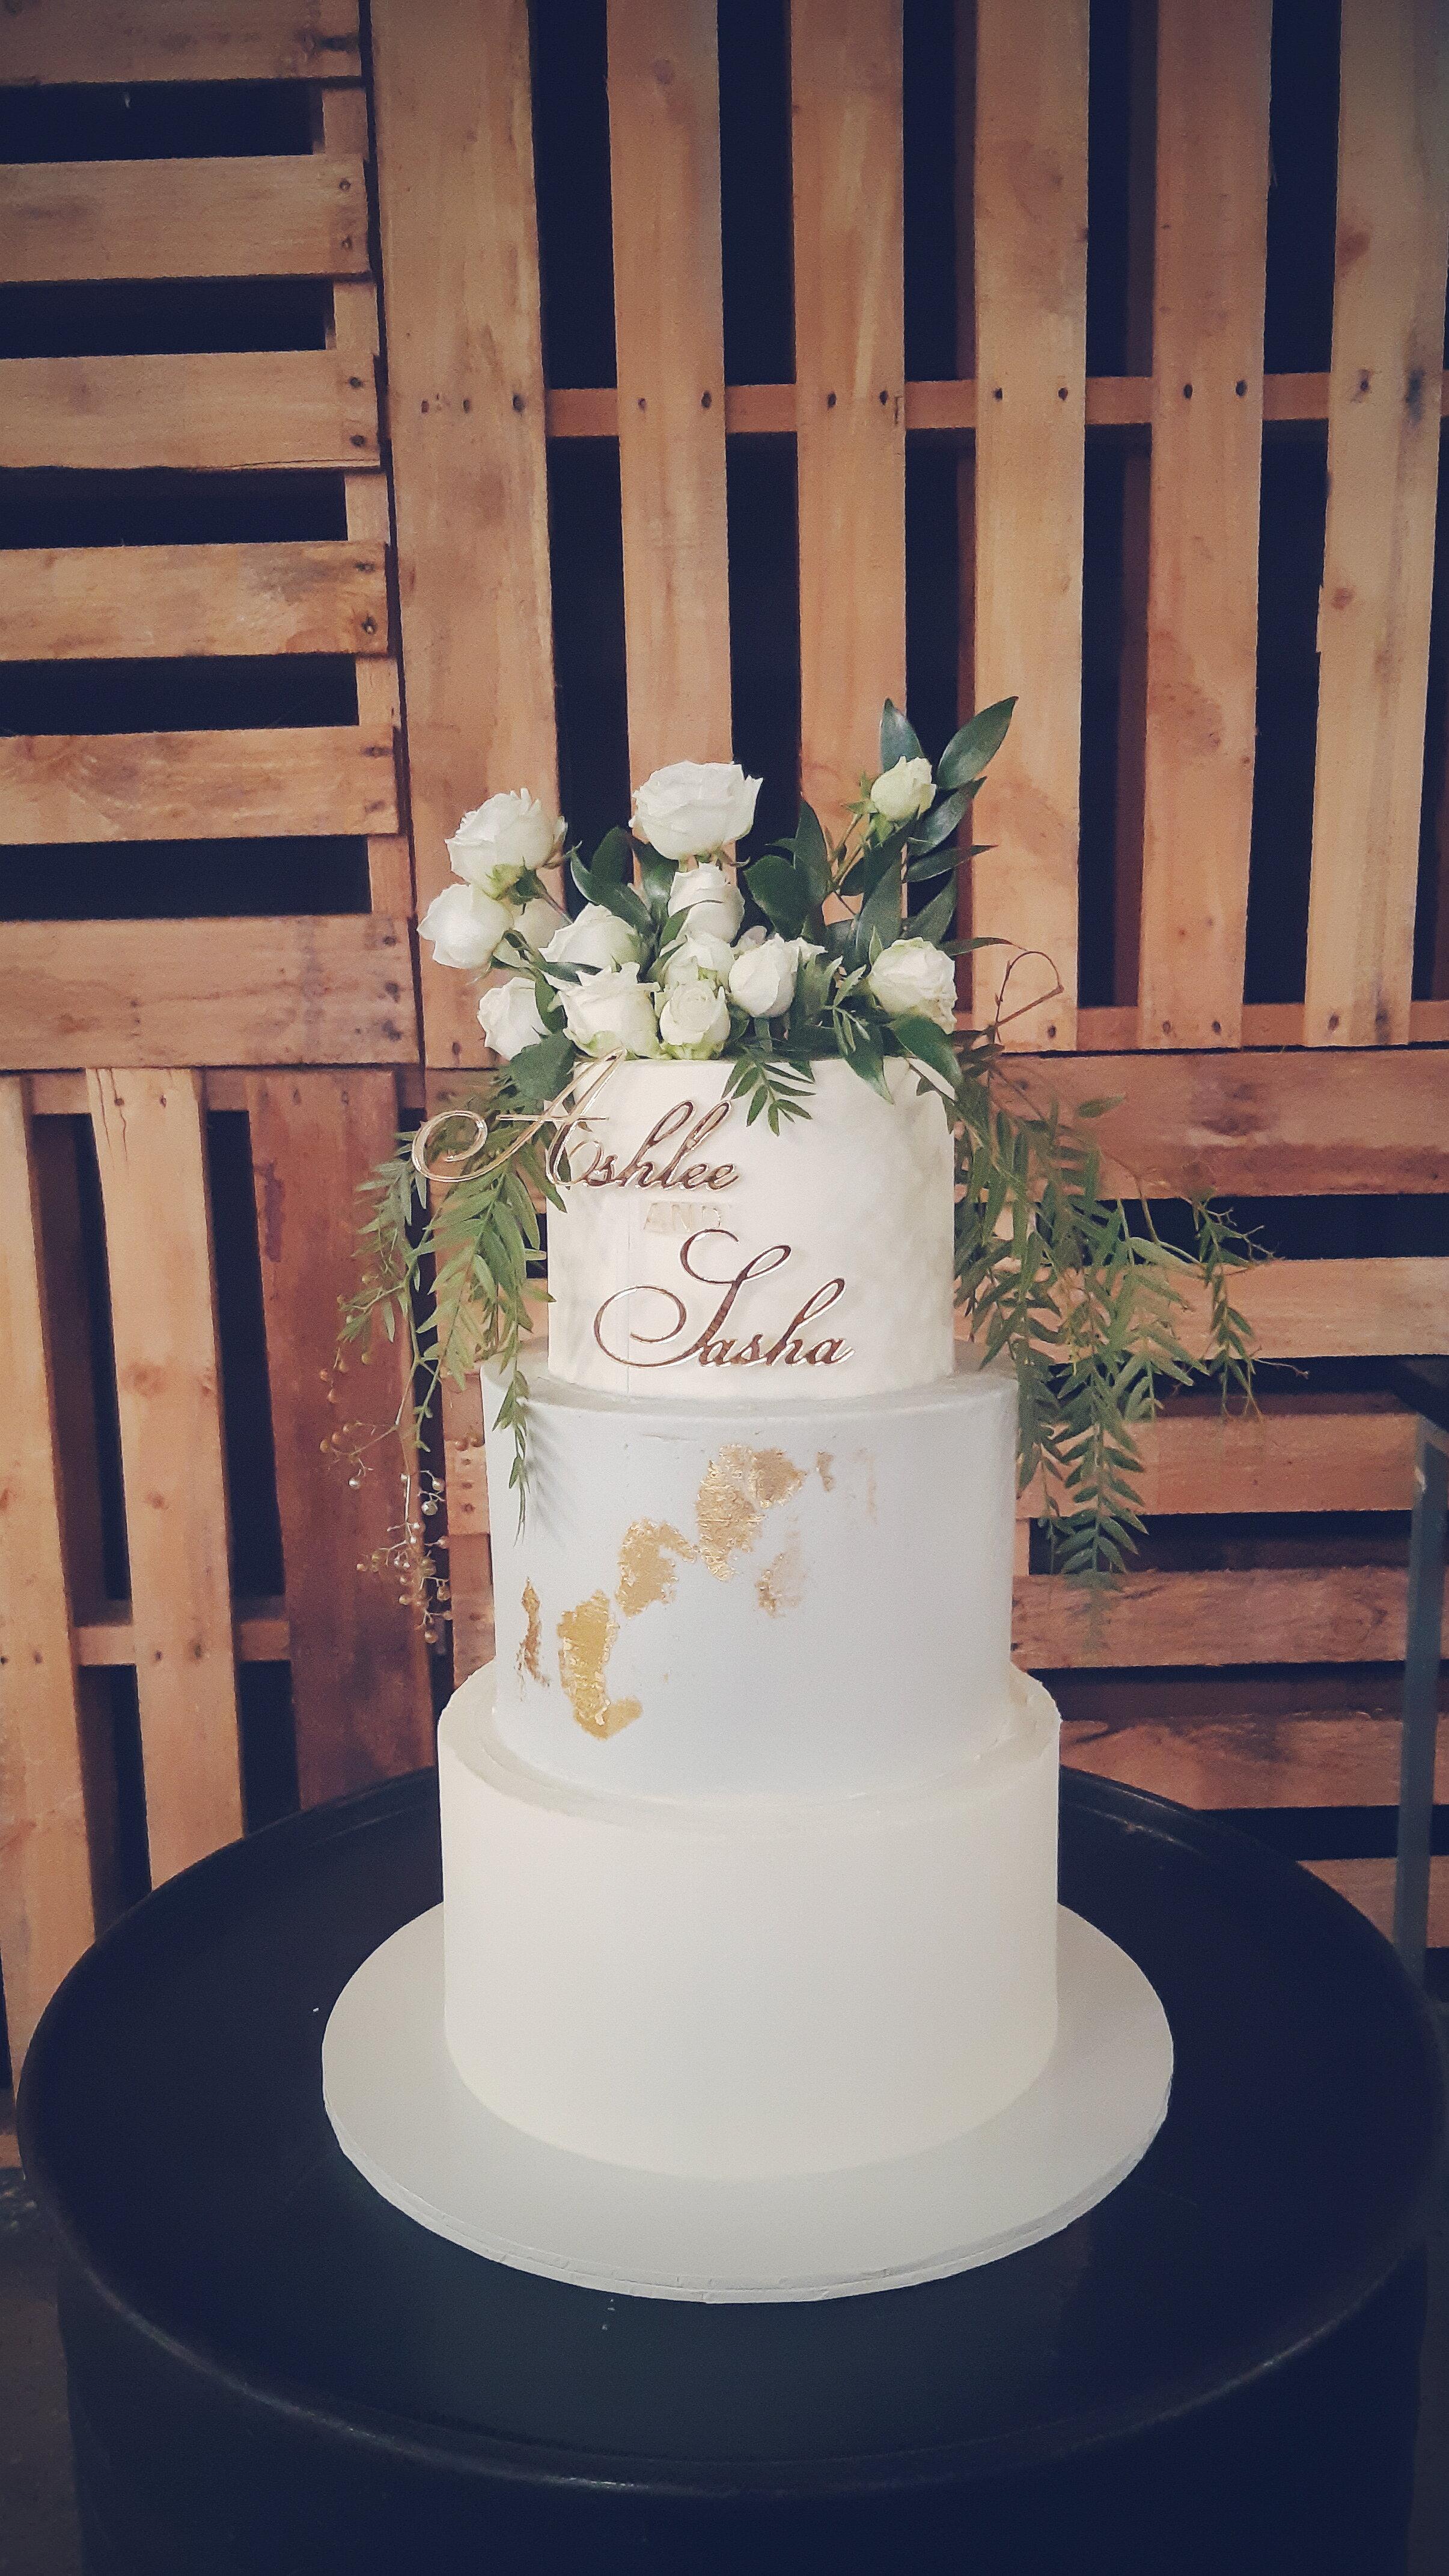 Ashlee+sasha wedding.jpg